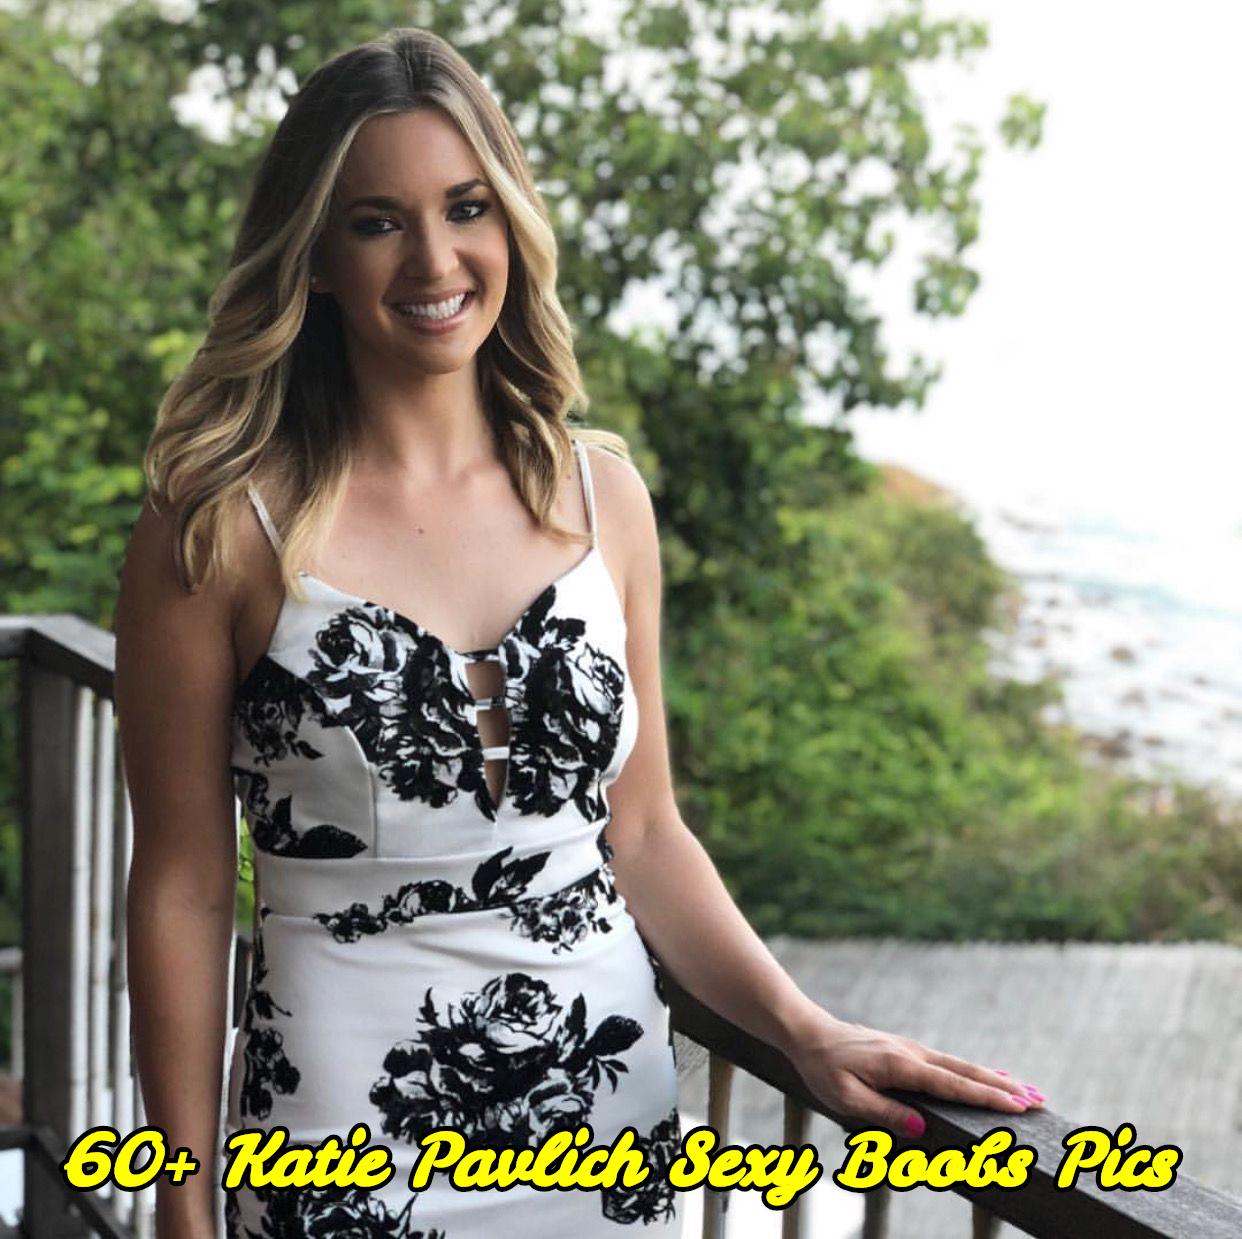 Katie Pavlich sexy boobs pics